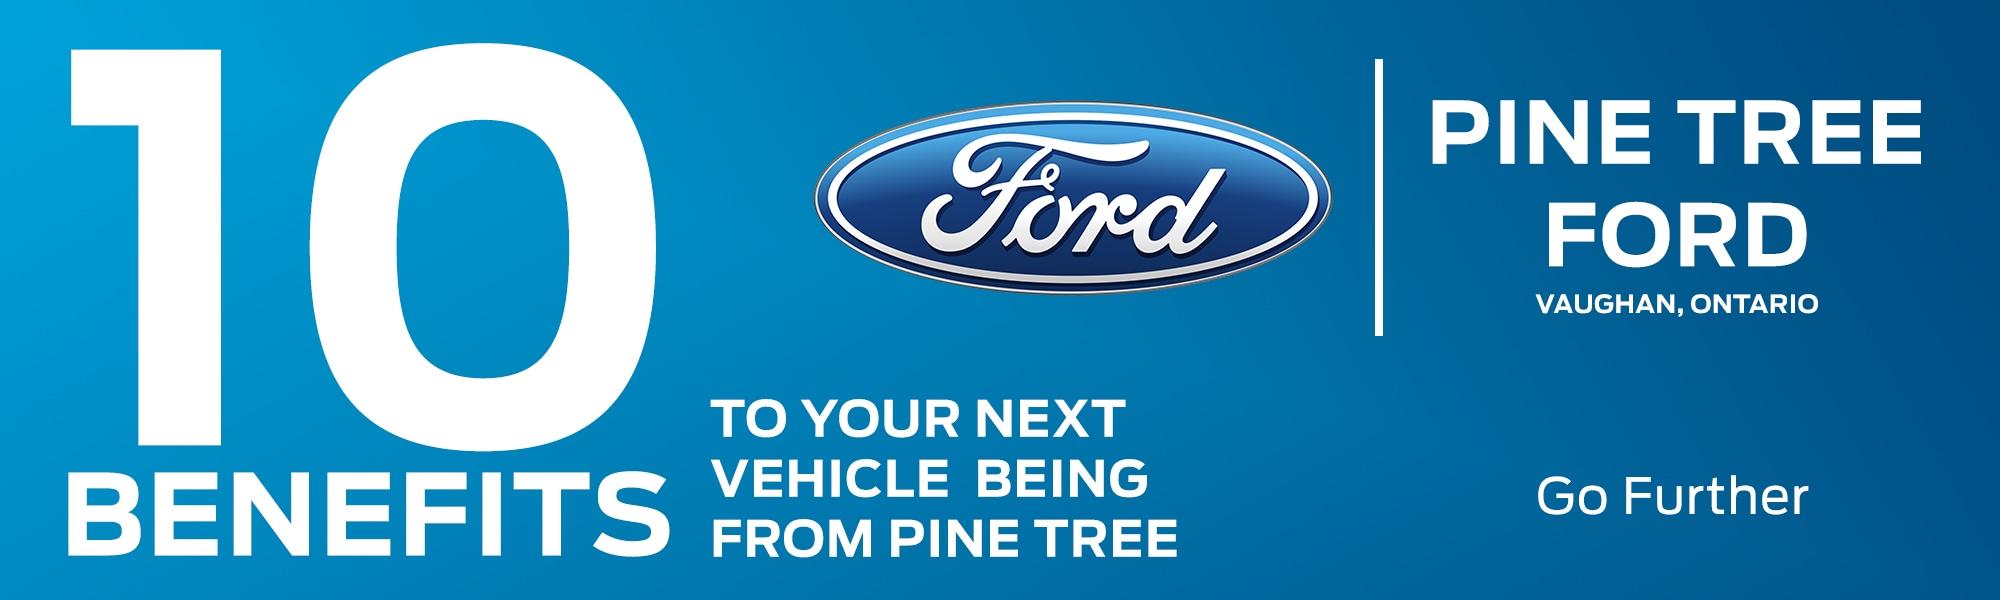 near lyons dealerships ford metter ga dealer statesboro of me lovely pembroke fresh car